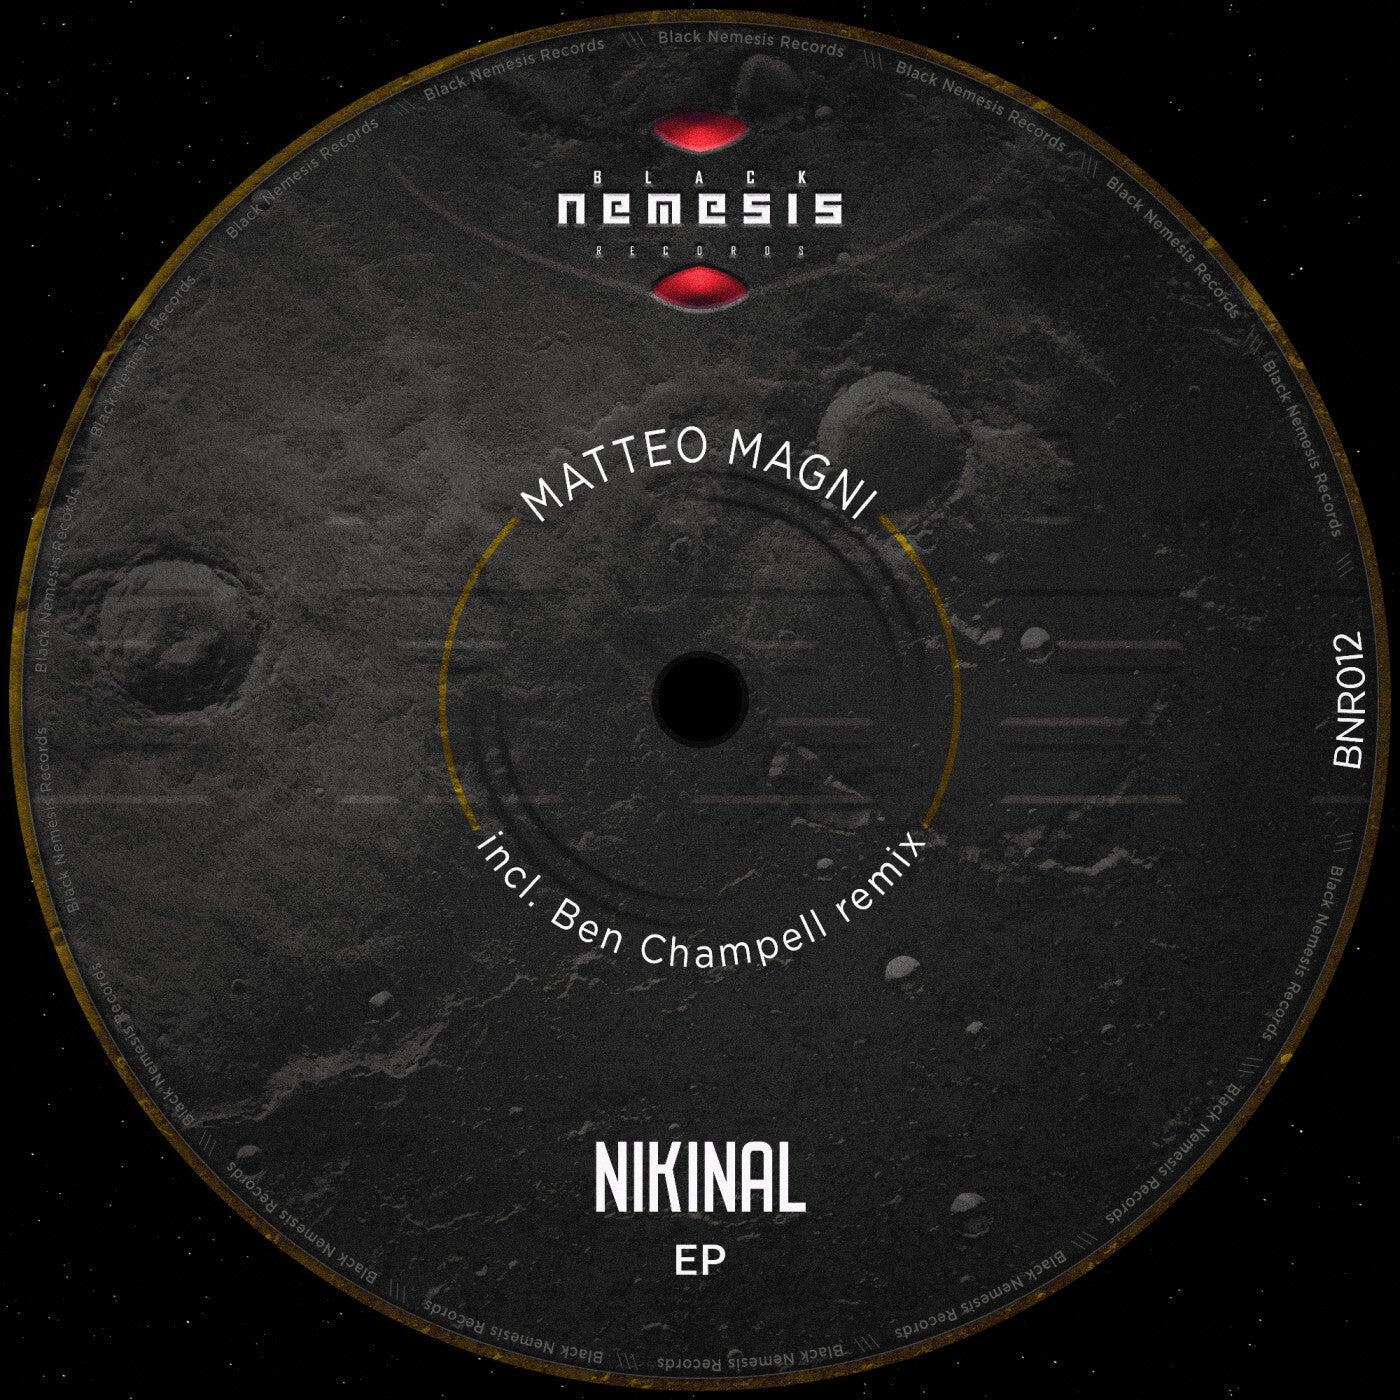 Nikinal (Original Mix)